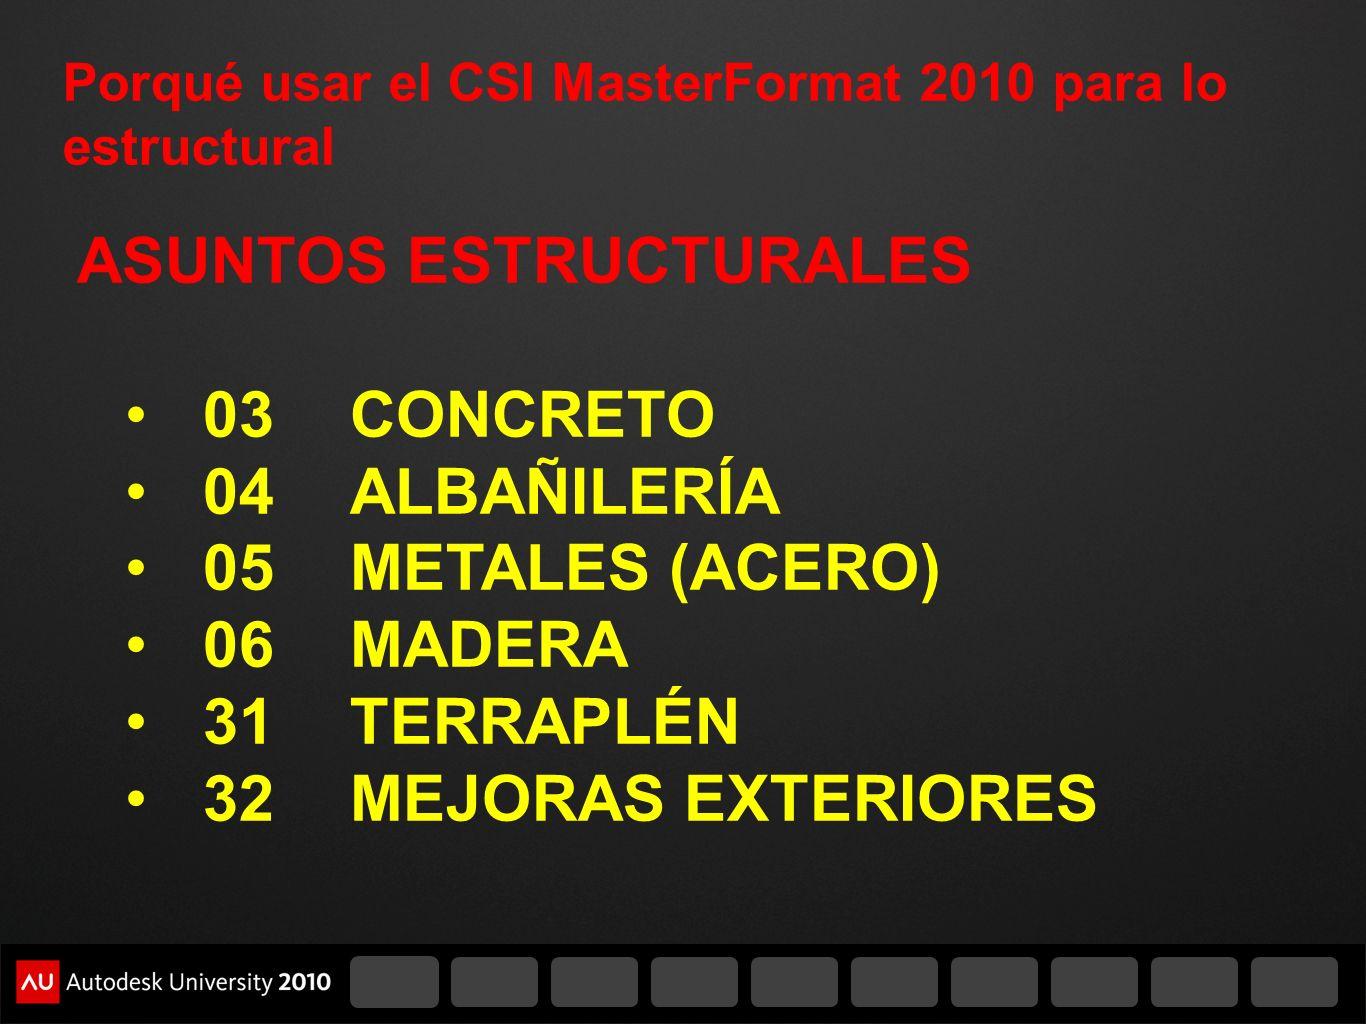 Porqué usar el CSI MasterFormat 2010 para lo estructural ASUNTOS ESTRUCTURALES 03CONCRETO 04ALBAÑILERÍA 05 METALES (ACERO) 06MADERA 31TERRAPLÉN 32MEJO